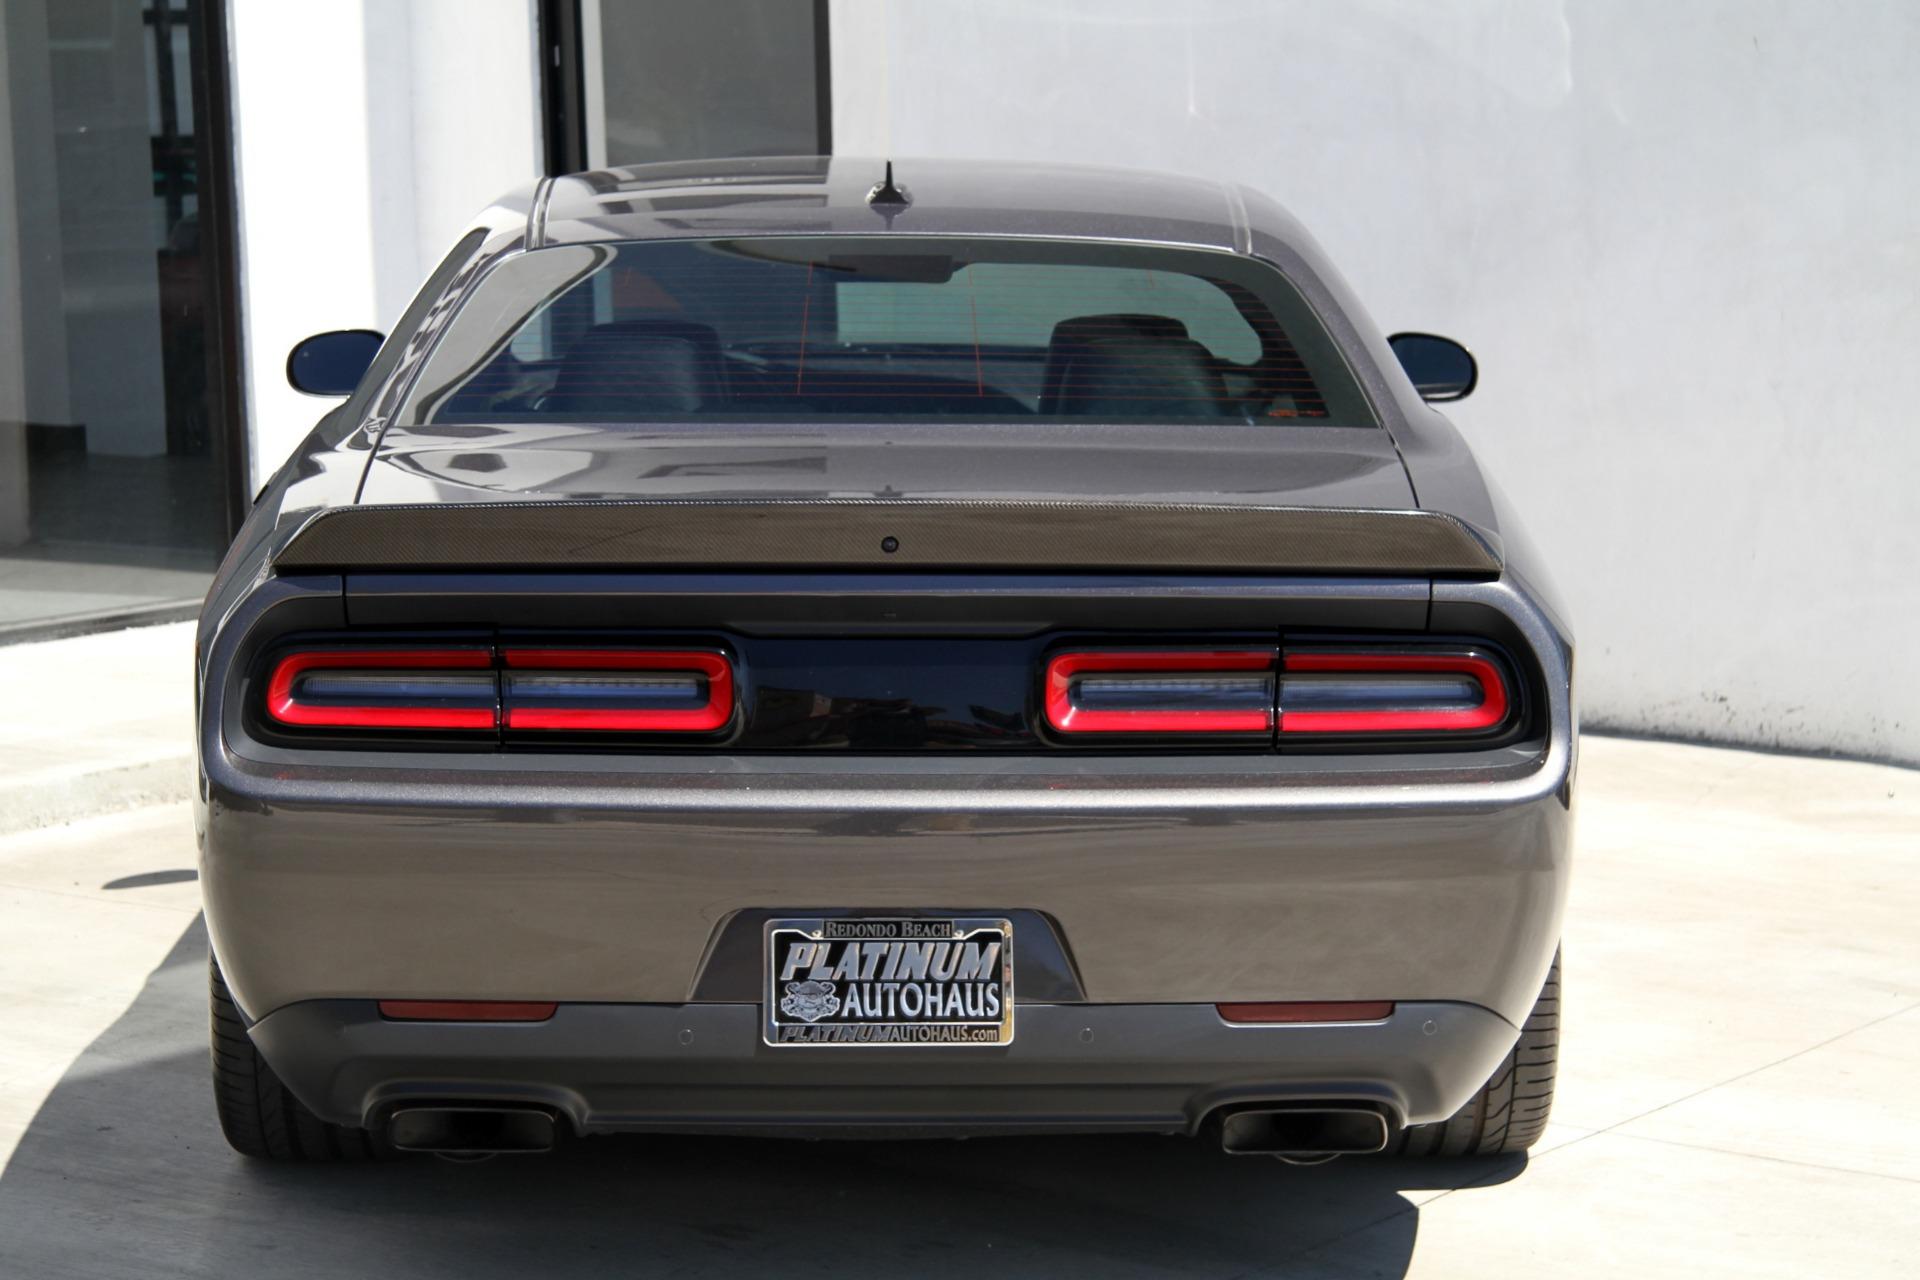 2016 Dodge Challenger Srt Hellcat Stock 6338 For Sale